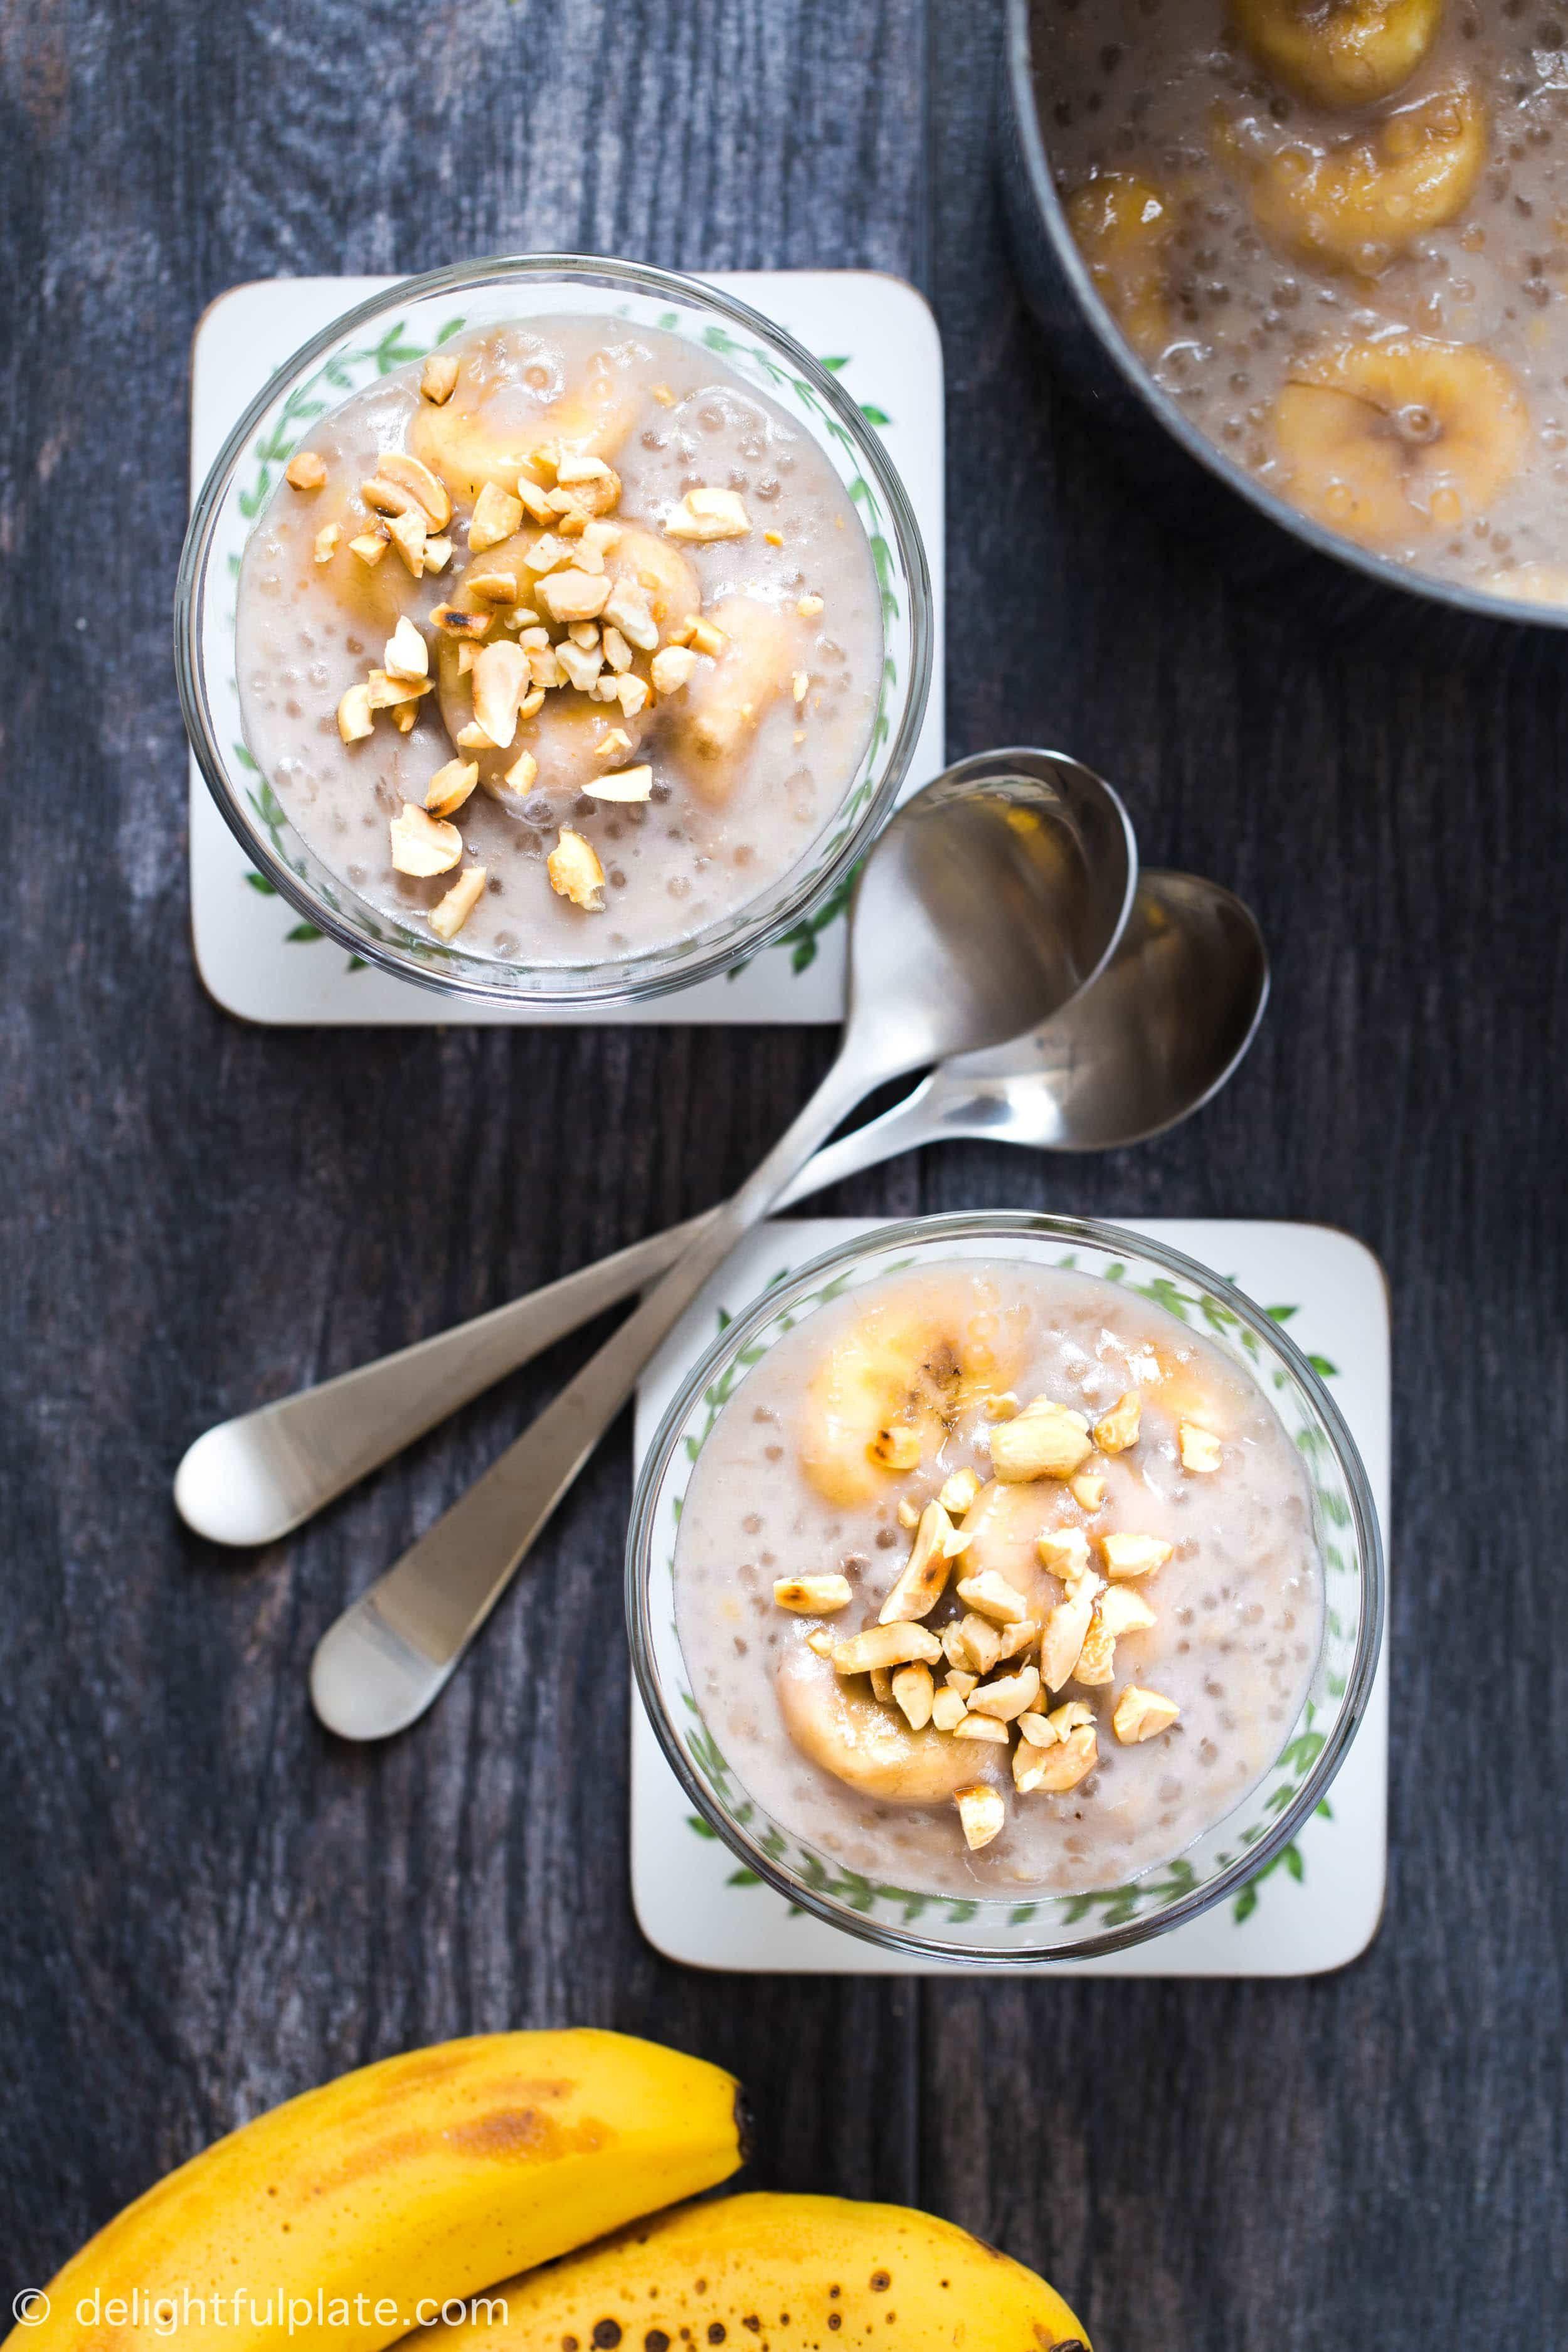 Banana Tapioca Pudding Che Chuoi Delightful Plate Recipe Tapioca Pudding Vietnamese Dessert Vegetarian Recipes